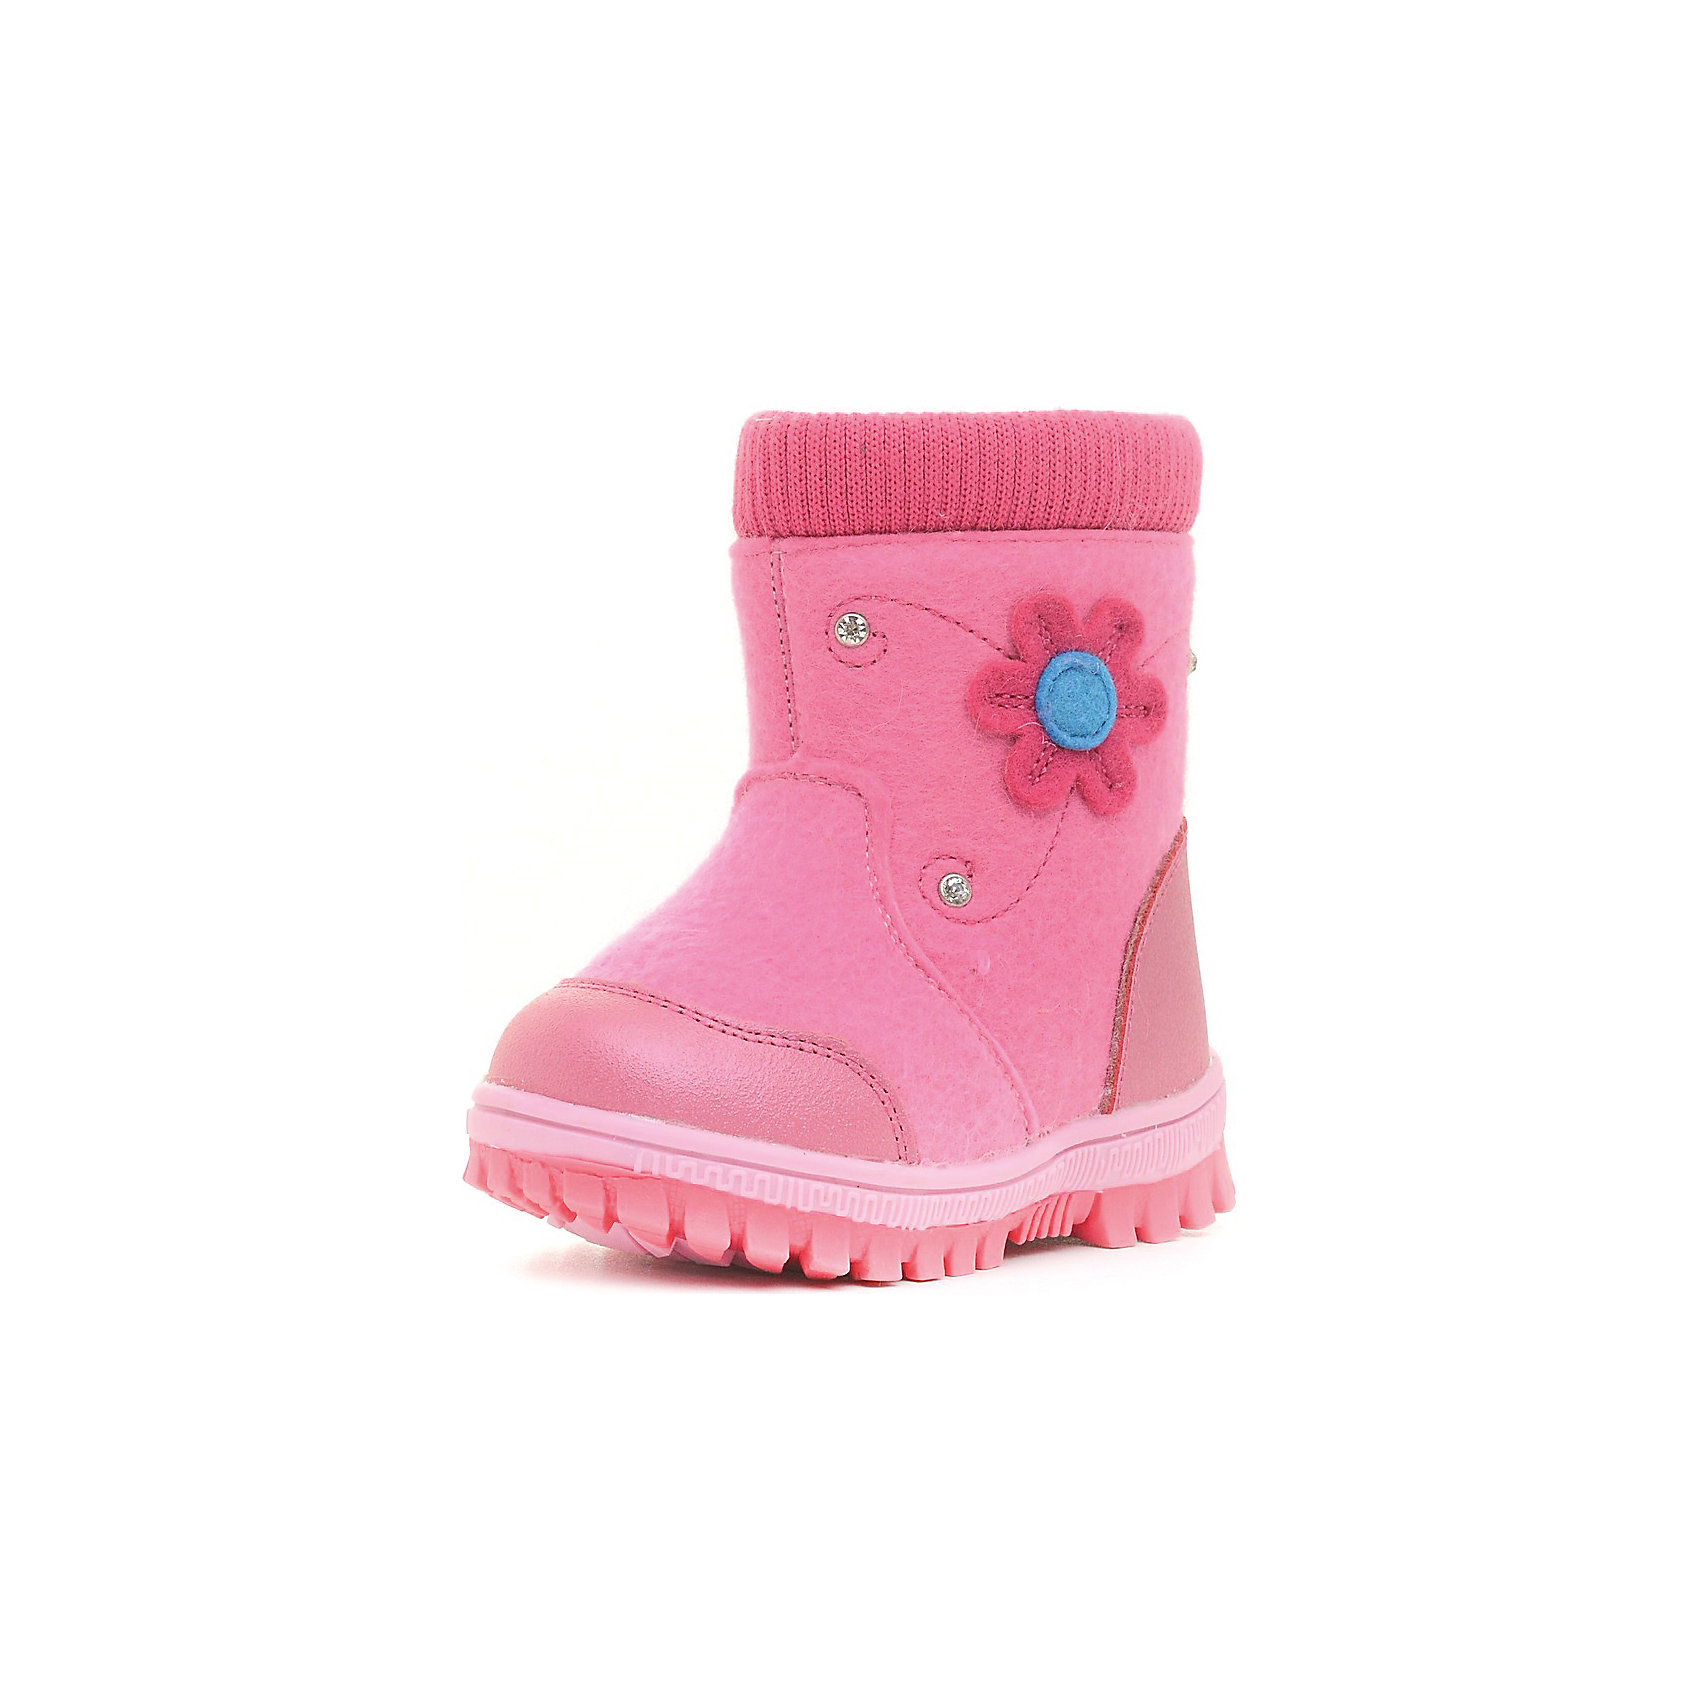 Валенки для девочки Indigo kidsВаленки для девочки от известного  бренда Indigo kids<br><br>Модные валенки помогут защитить детские ножки от сырости и холода. Они легко надеваются, комфортно садятся по ноге.<br><br>Особенности модели:<br><br>- цвет - розовый;<br>- стильный дизайн;<br>- защита пятки и пальцев;<br>- удобная колодка;<br>- подкладка утепленная;<br>- стразы, аппликация цветок на голенище;<br>- устойчивая рифленая подошва;<br>- застежка - молния.<br><br>Дополнительная информация:<br><br>Температурный режим:<br><br>от -20° С до 0° С<br><br>Состав:<br><br>верх – войлок/кожа натуральная;<br>подкладка - шерсть.<br><br>Валенки для девочки Indigo kids (Индиго Кидс) можно купить в нашем магазине.<br><br>Ширина мм: 257<br>Глубина мм: 180<br>Высота мм: 130<br>Вес г: 420<br>Цвет: розовый<br>Возраст от месяцев: 24<br>Возраст до месяцев: 24<br>Пол: Женский<br>Возраст: Детский<br>Размер: 25,23,21,26,24,22<br>SKU: 4340447